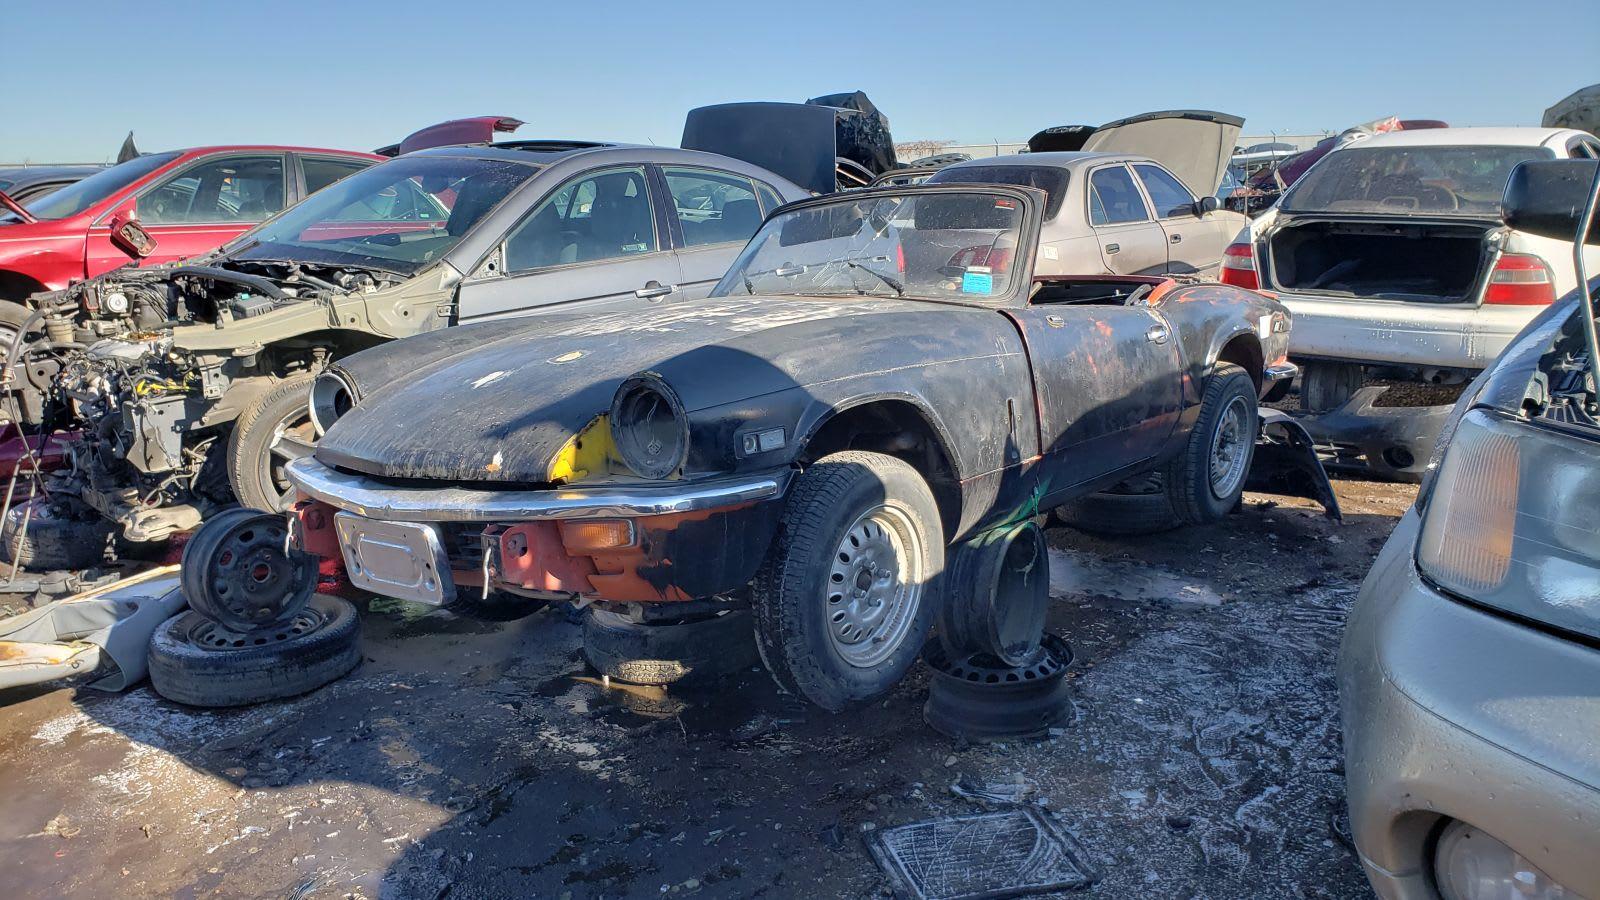 1978 Triumph Spitfire junkyard find | Autoblog